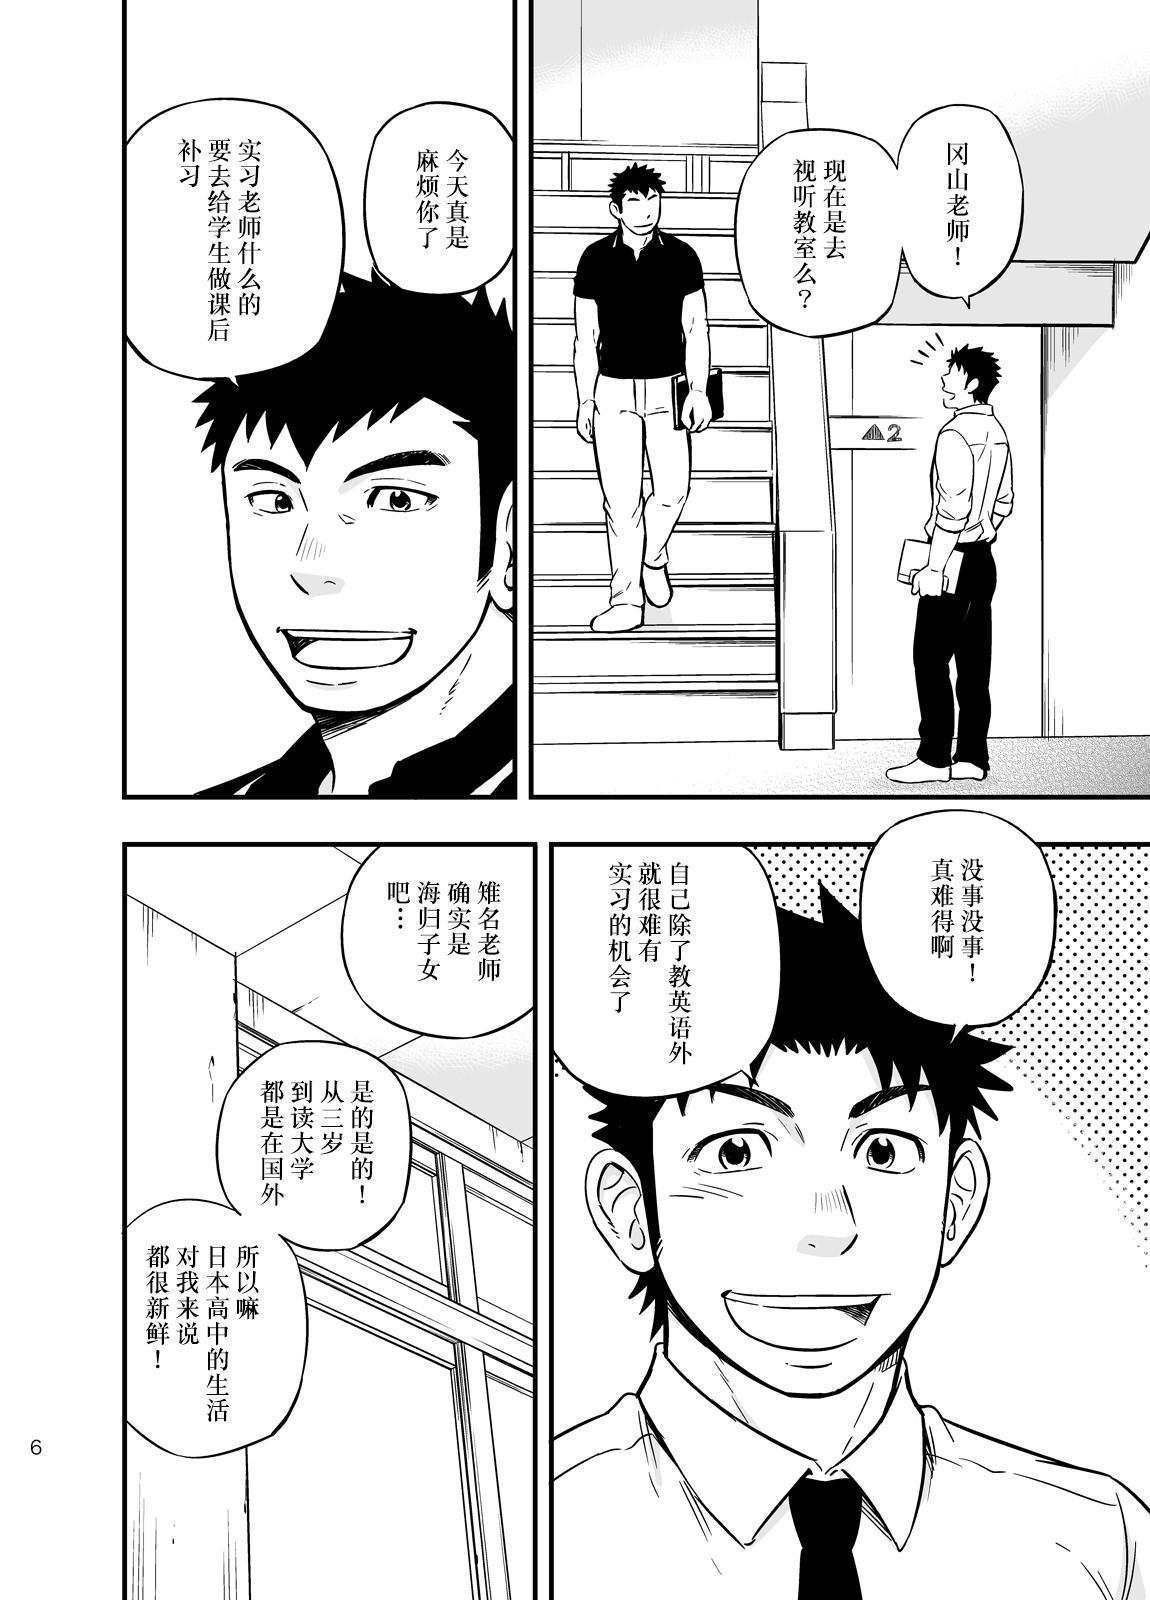 Moshimo Danshikou no Hoken Taiiku ga Jitsugi Ari Dattara 2 | 如果男校的保健体育课有实践环节的话 2 4